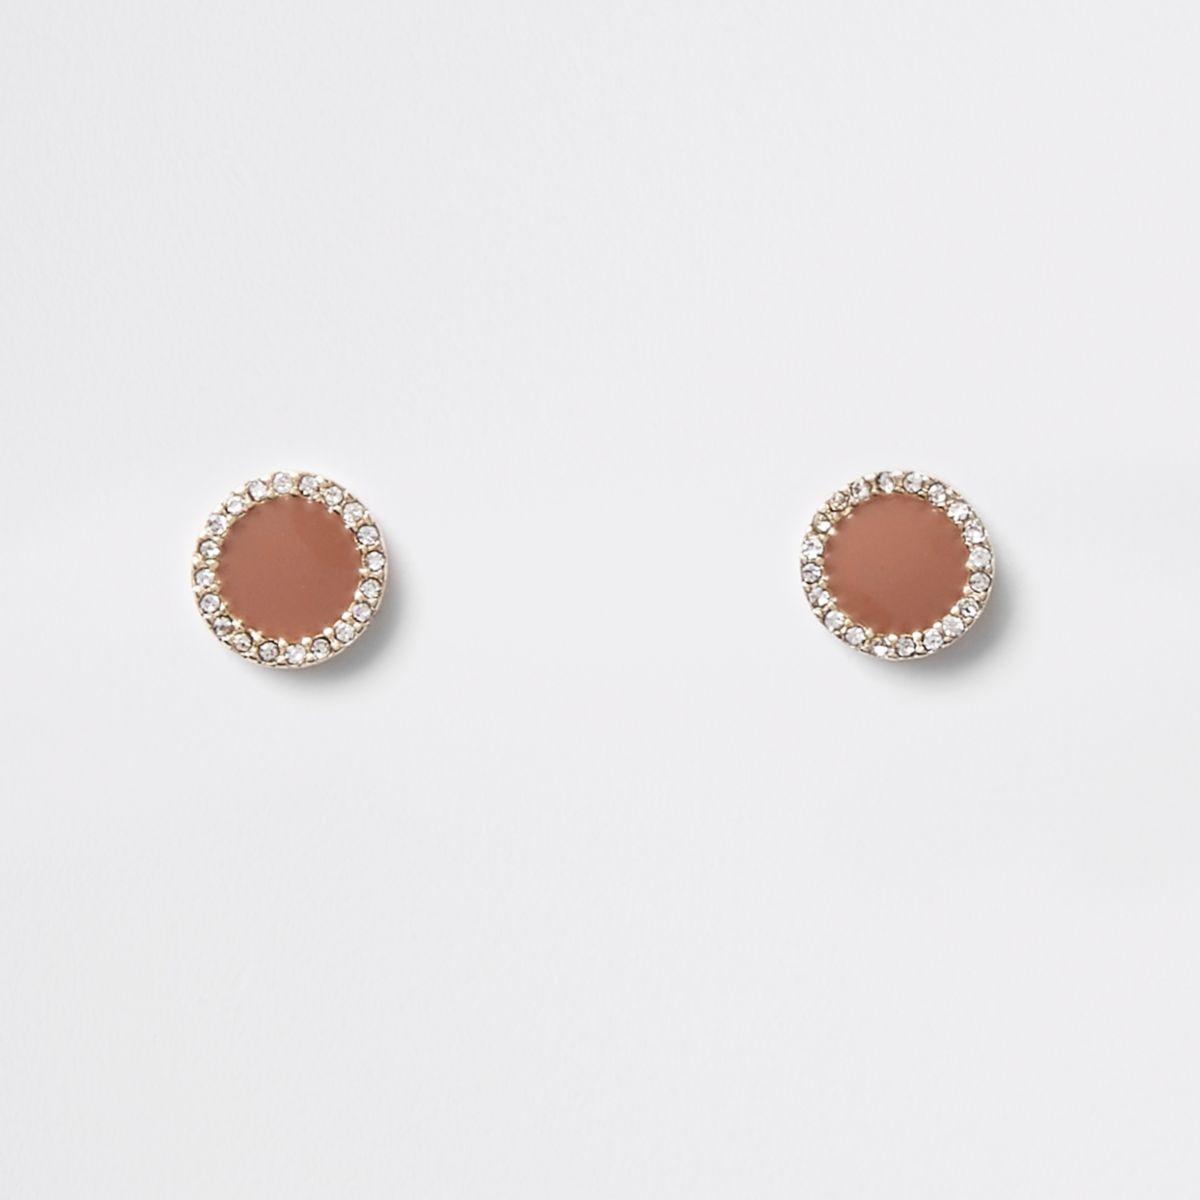 Brown mini round diamante stud earrings